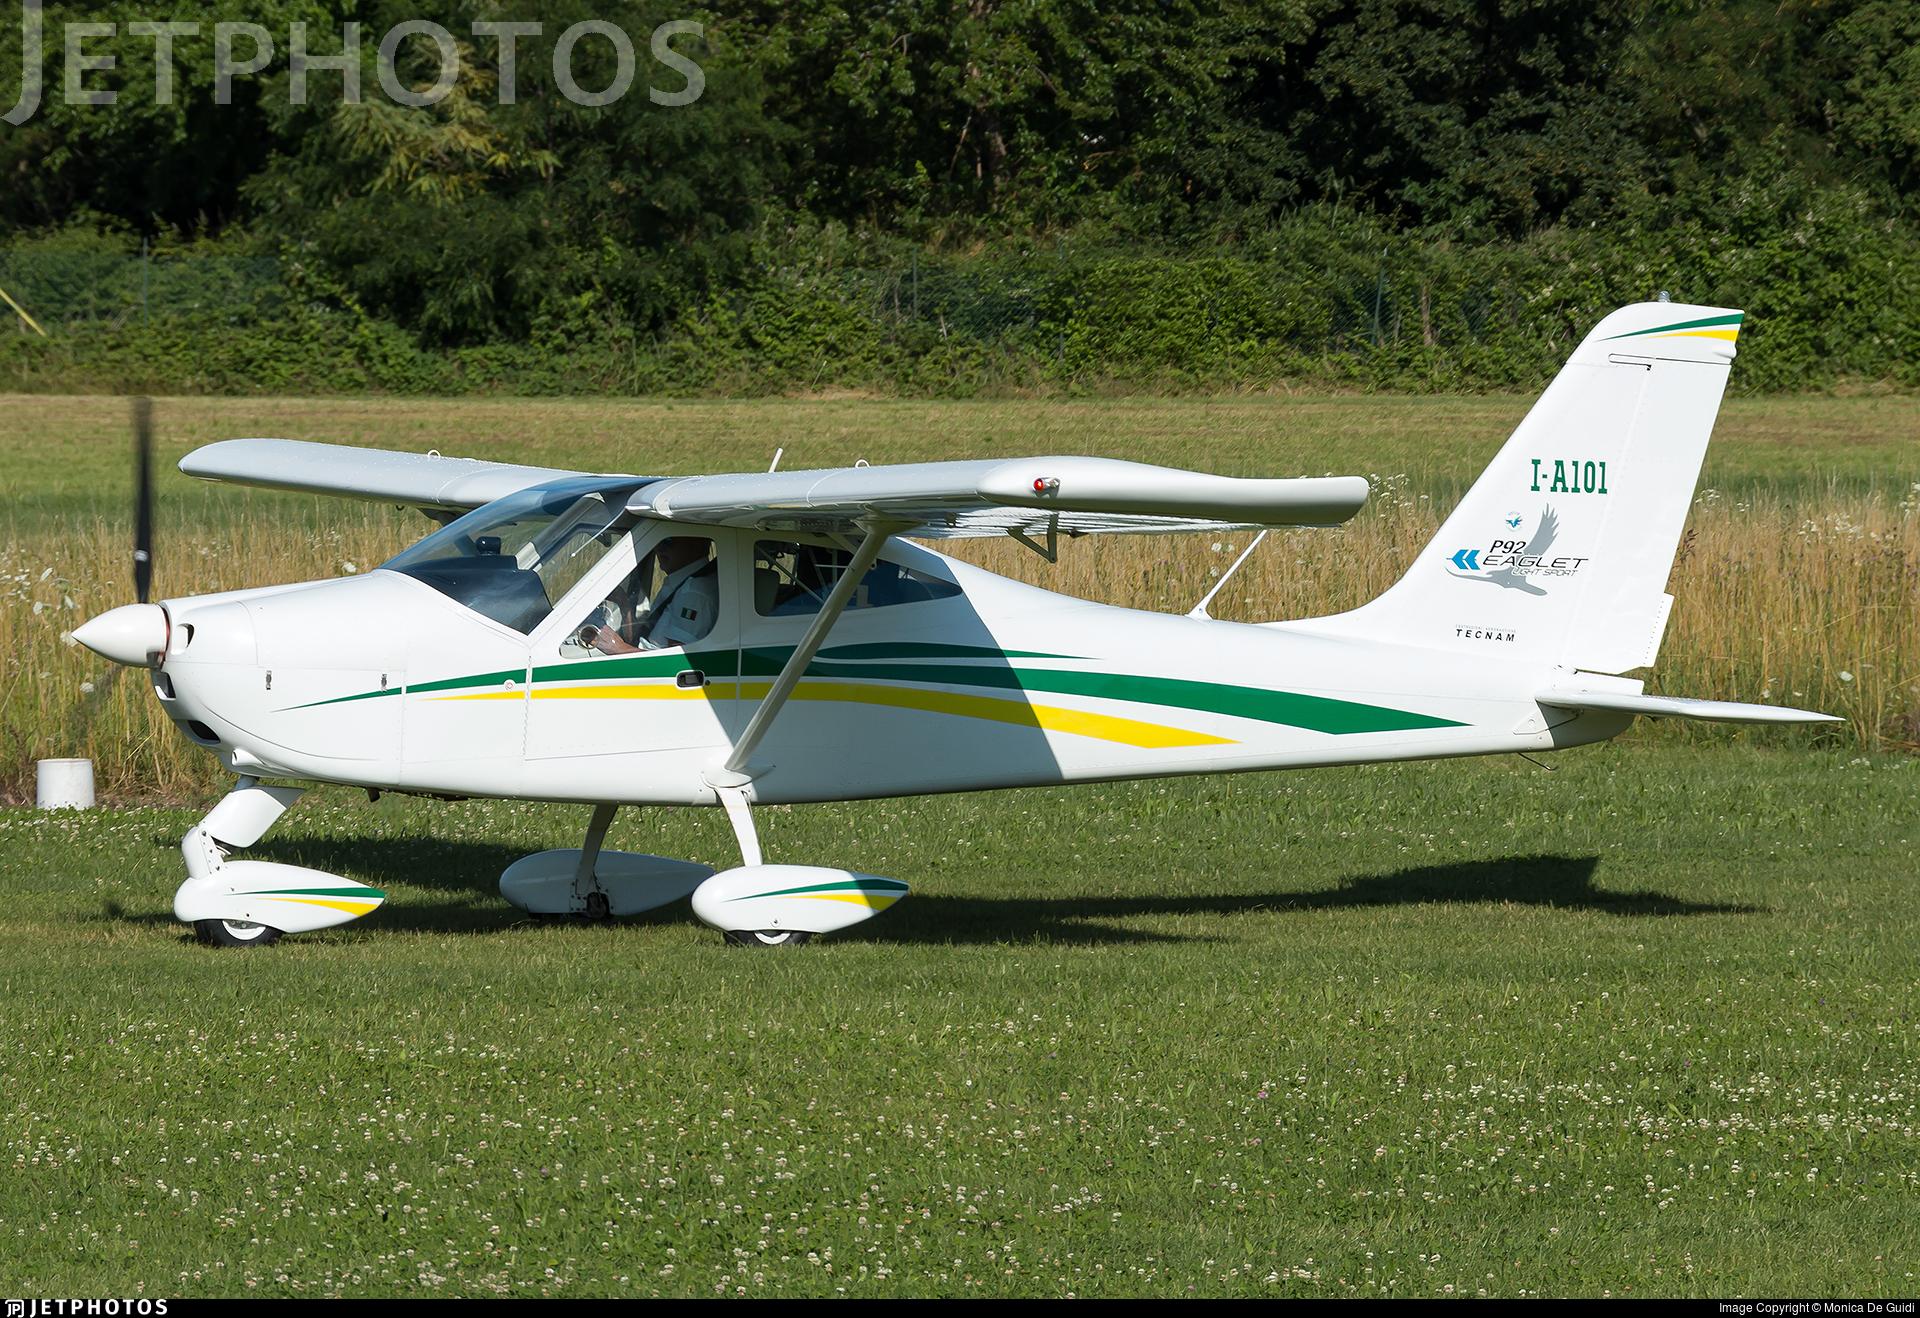 I-A101 - Tecnam P92 Eaglet Light Sport - Private